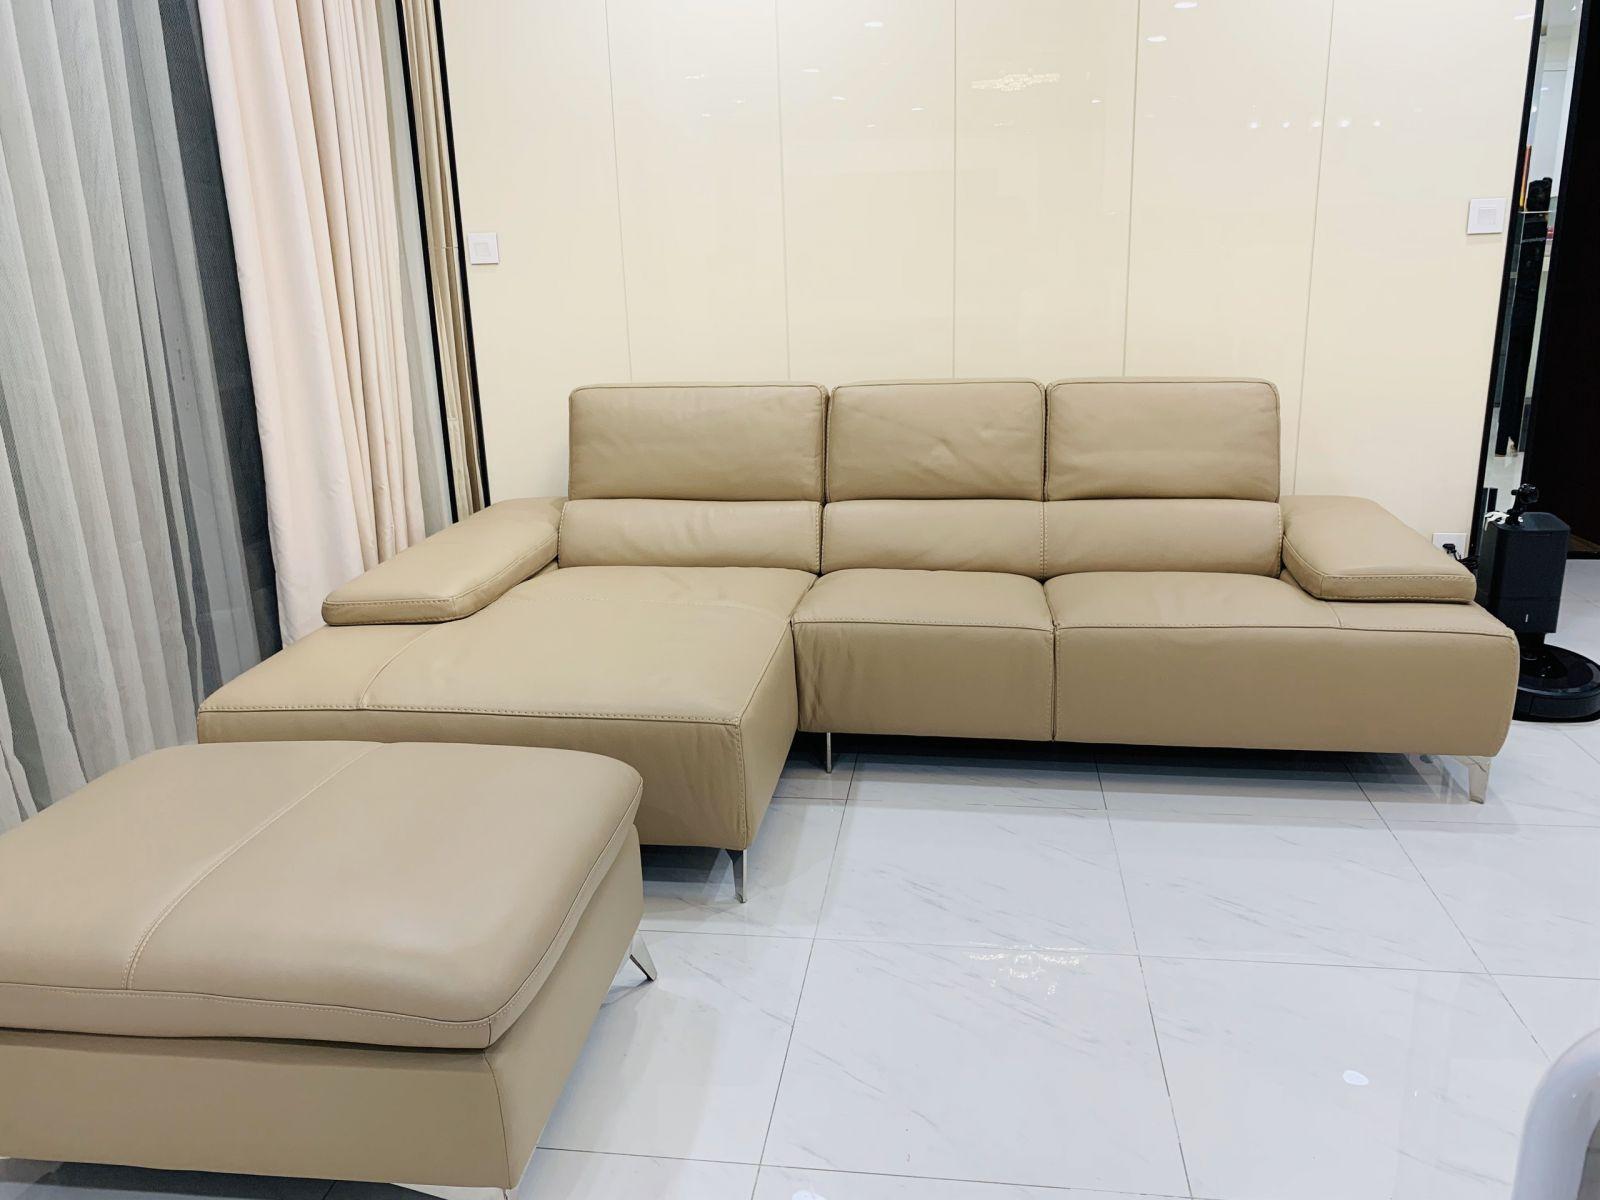 sofa da bò cao cấp tại TP.HCM